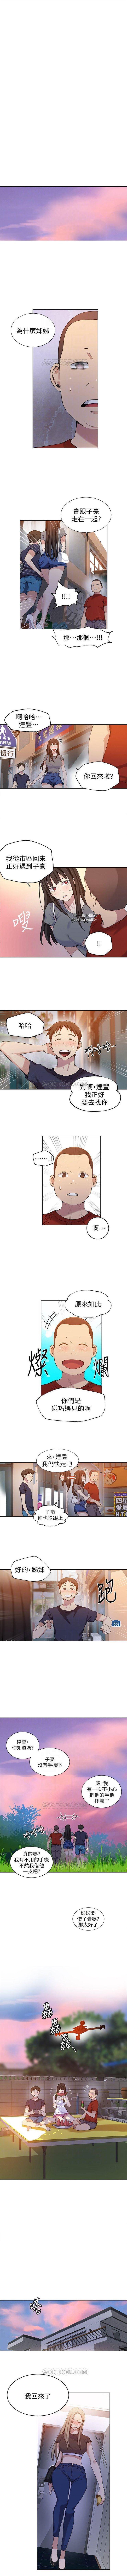 秘密教學  1-55 官方中文(連載中) 194